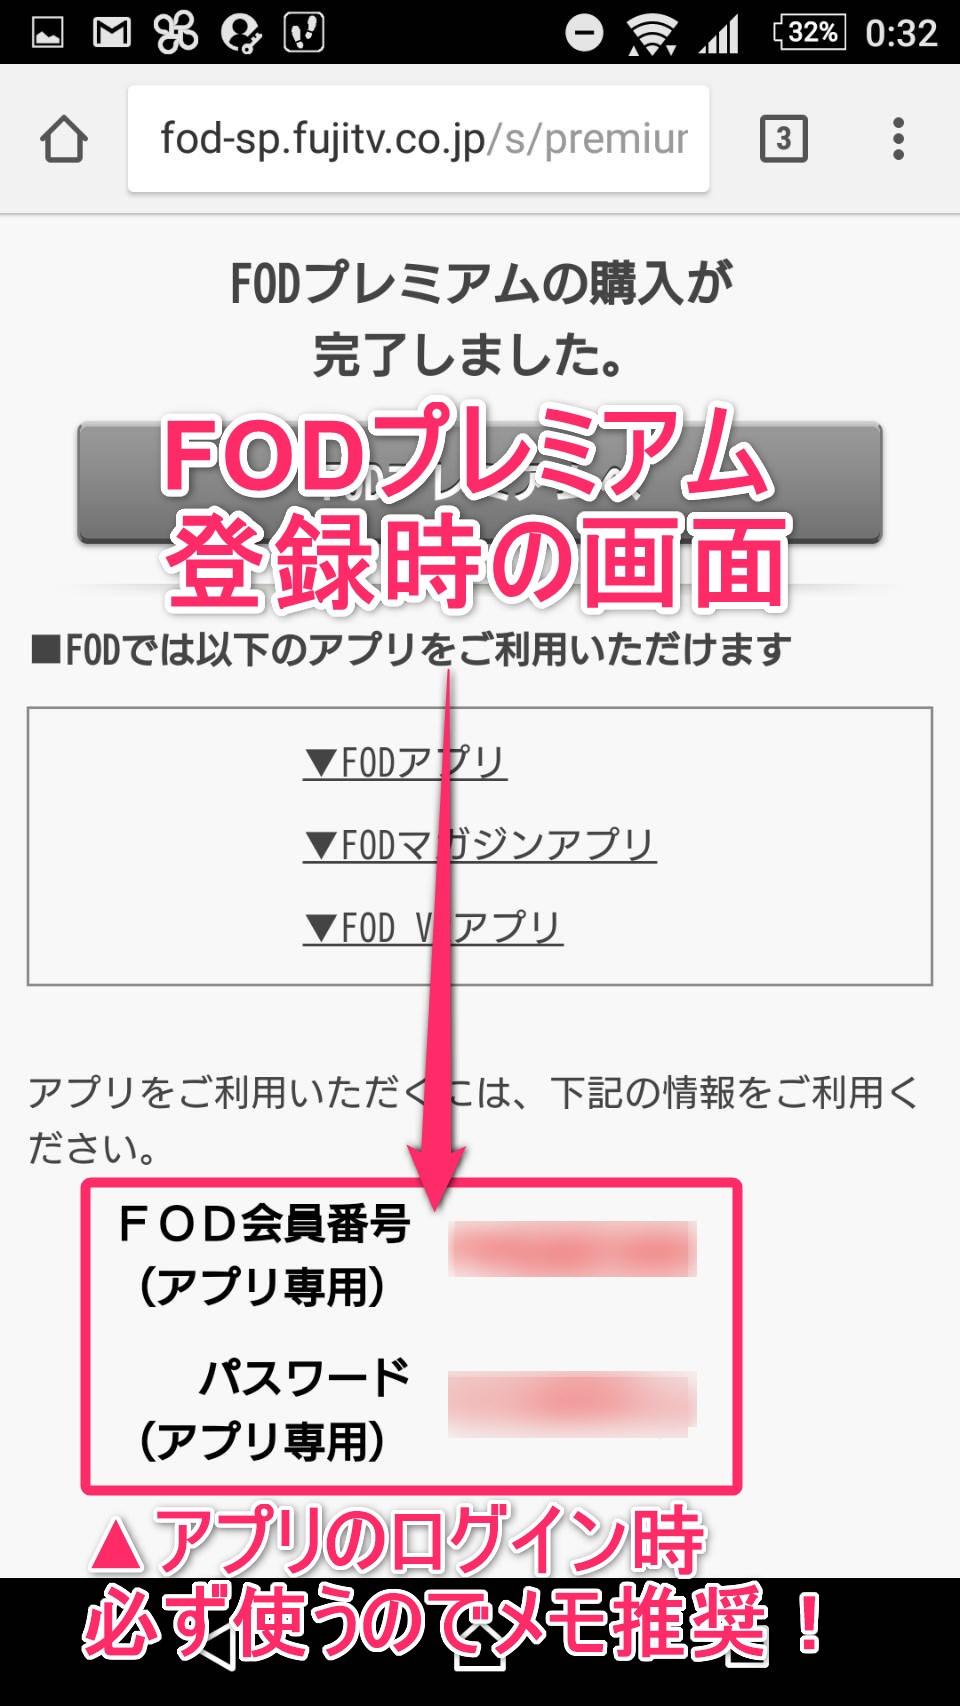 FODプレミアムのアプリ用会員番号とパスワードが表示される画面の画像